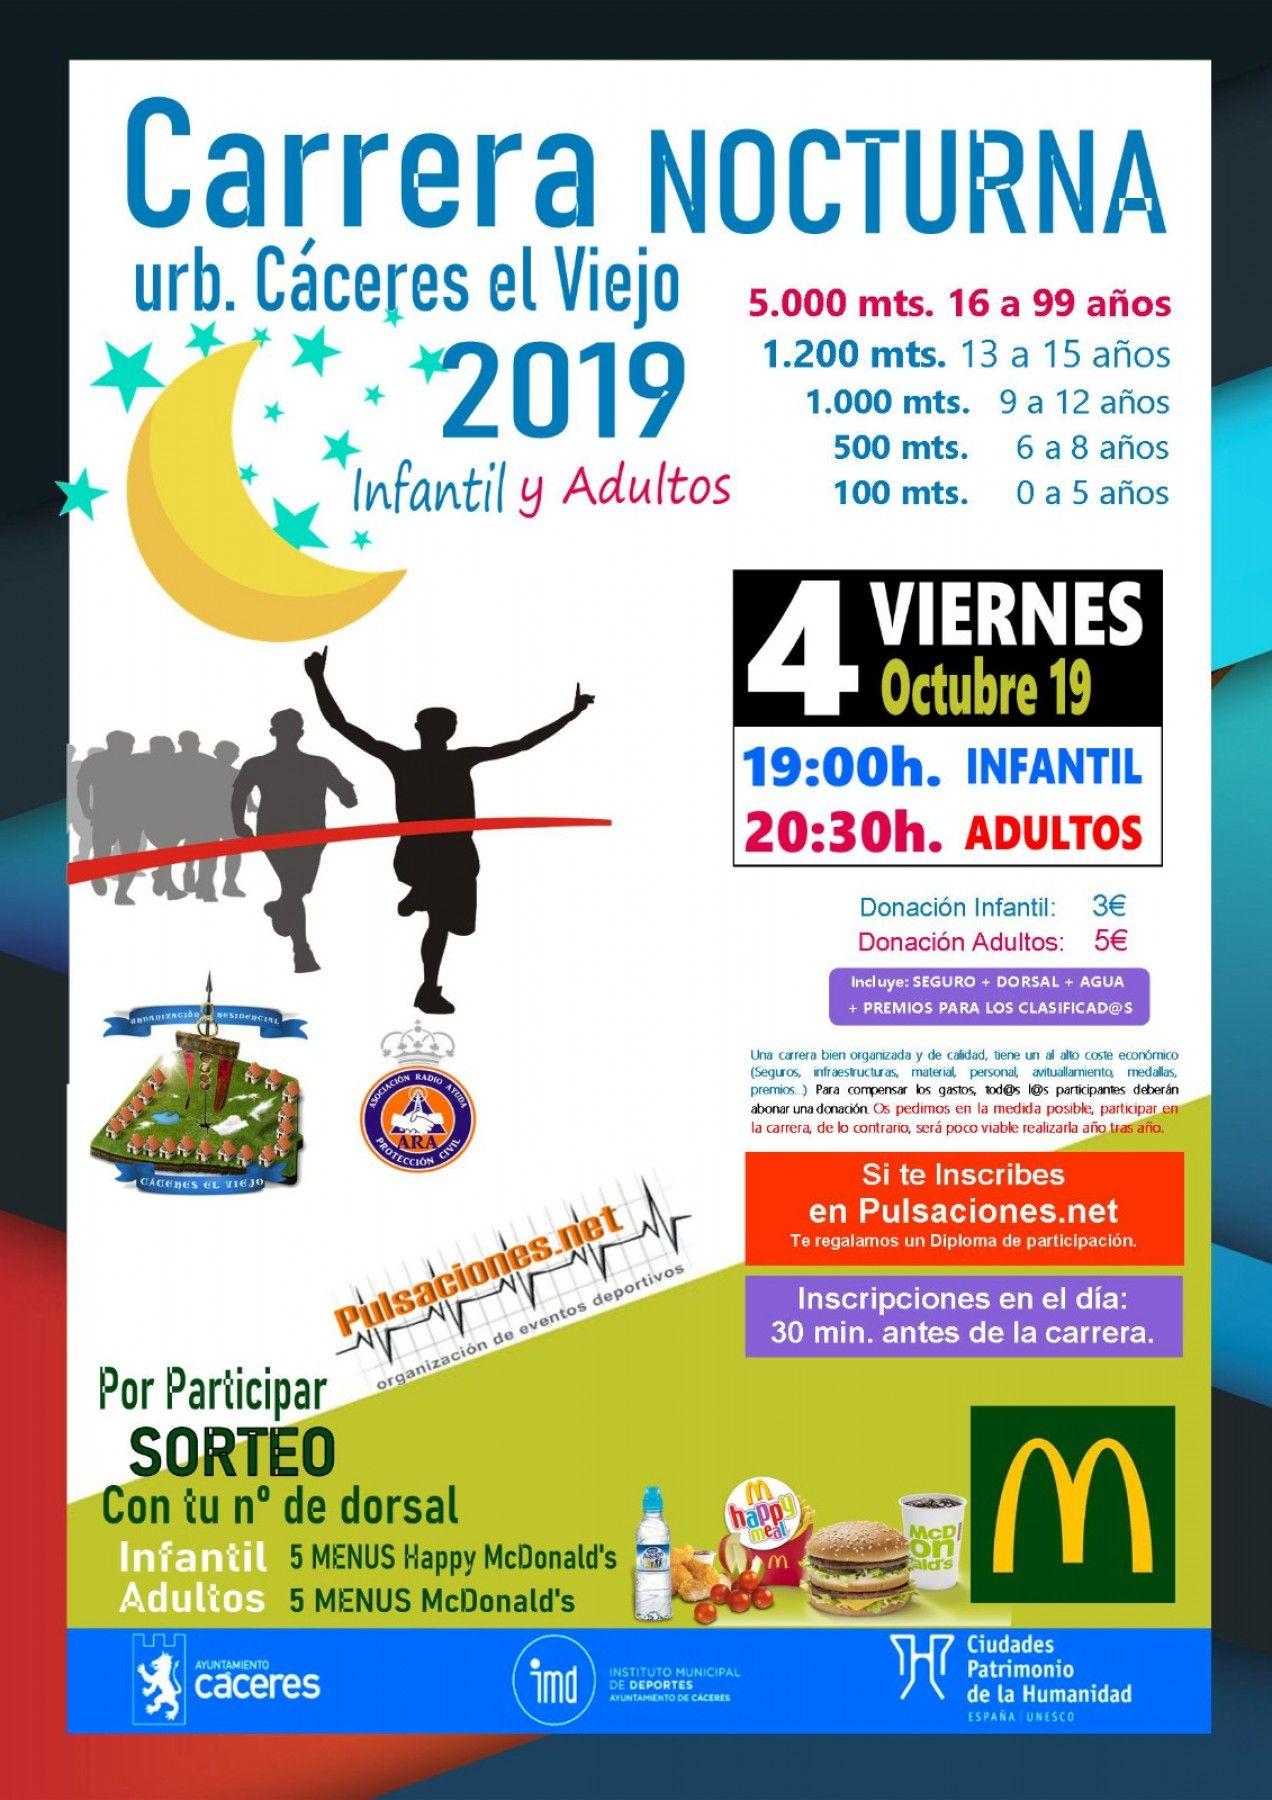 Carrera nocturna Cáceres el Viejo 2019 - Cáceres